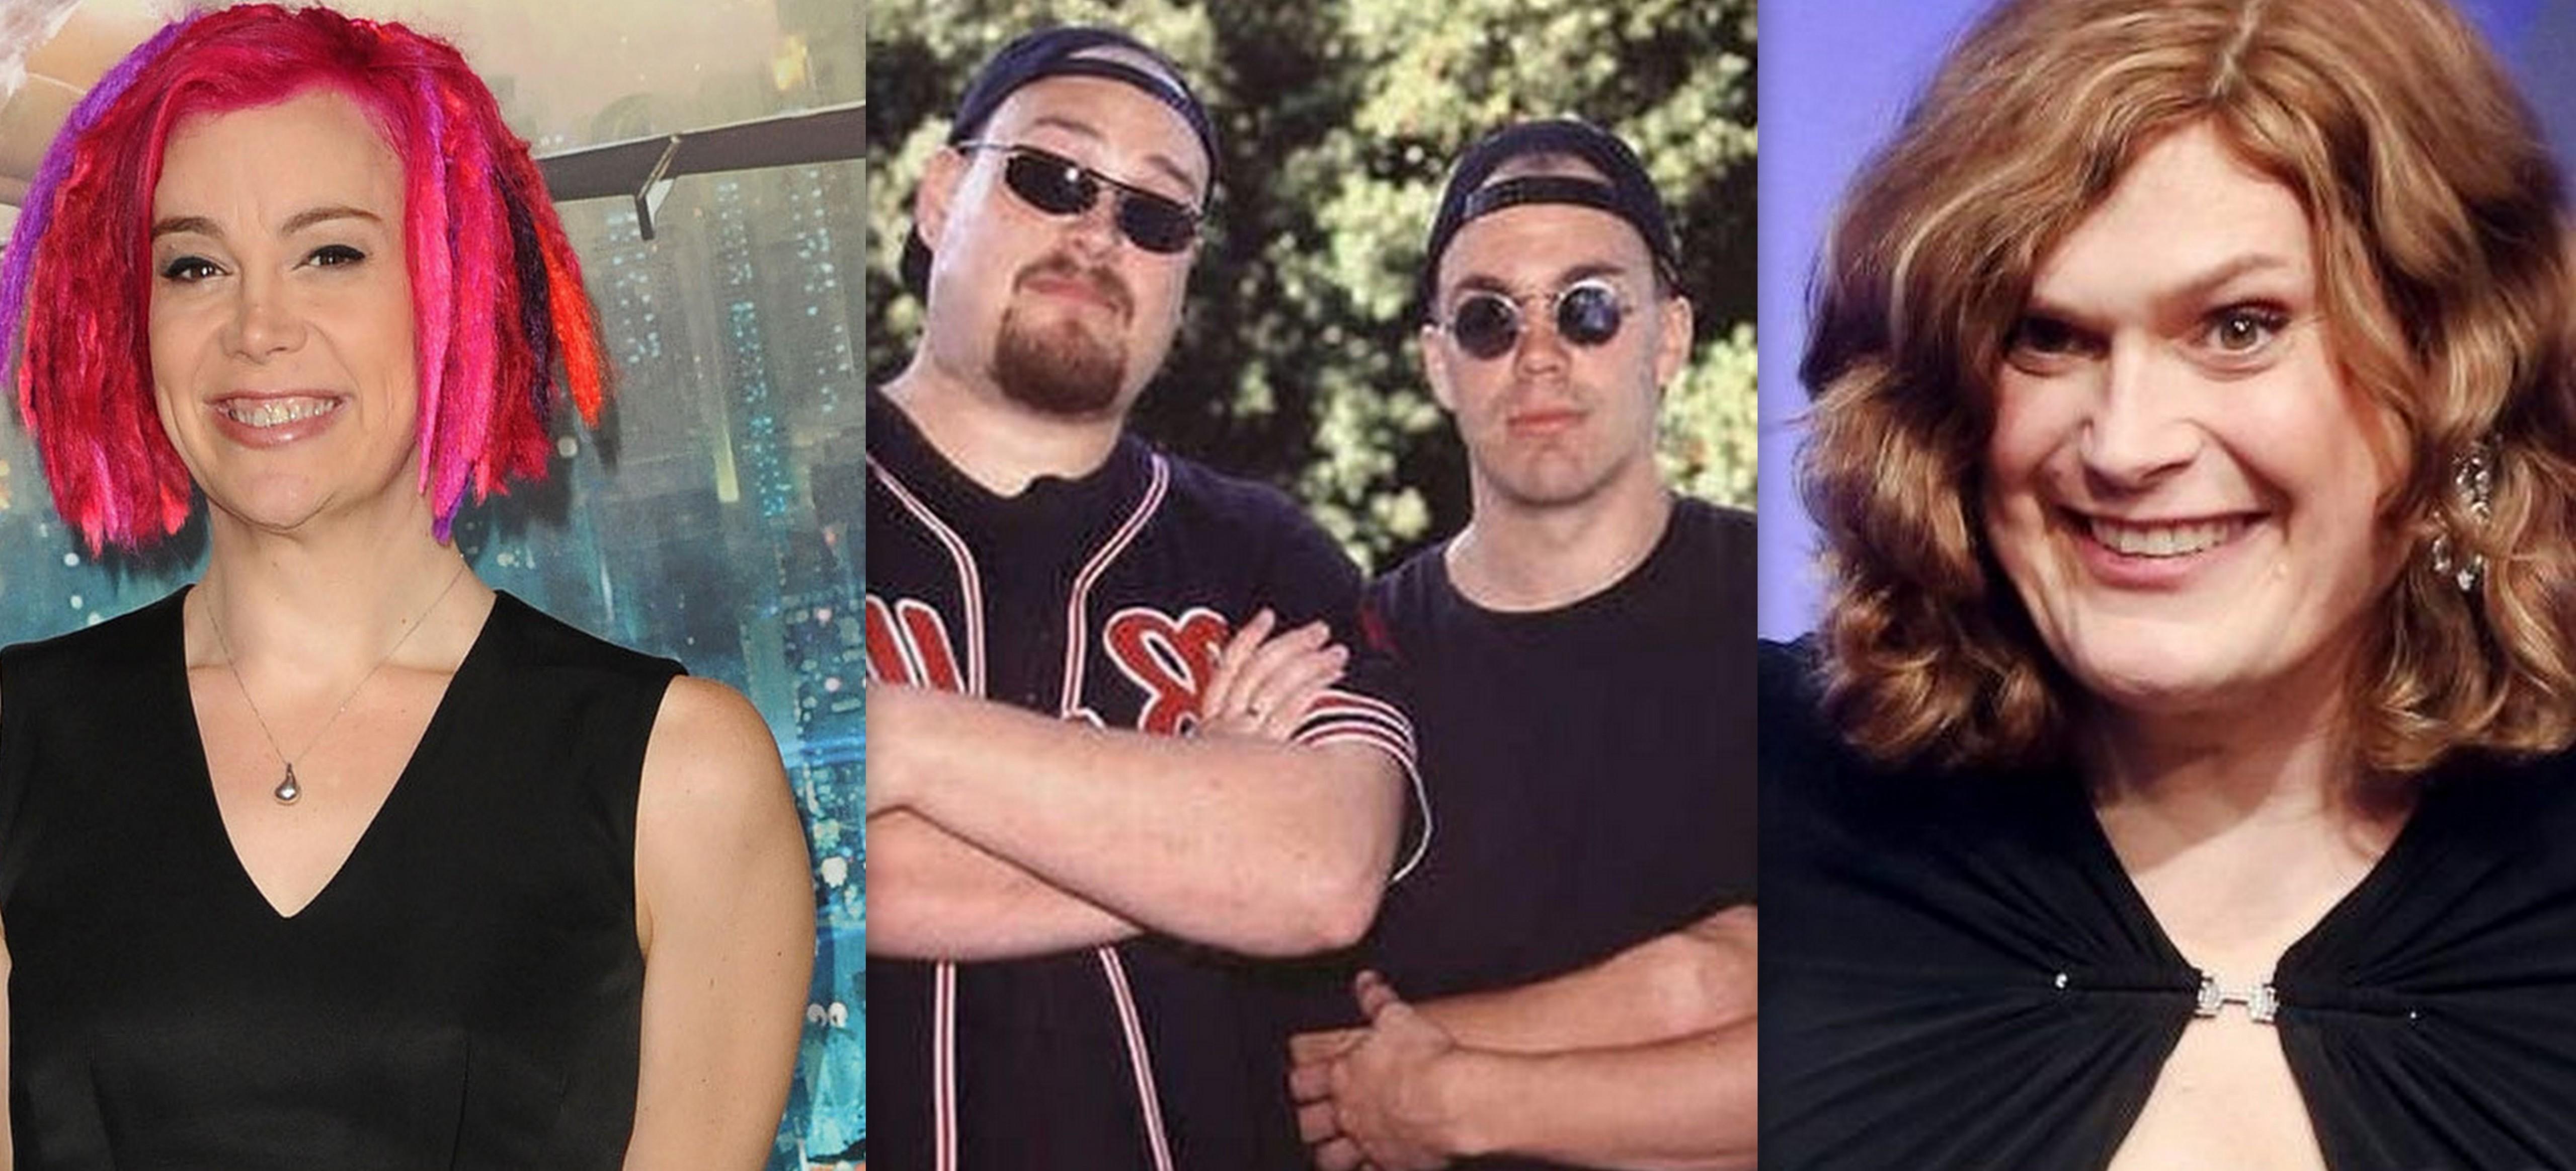 братья вачовски фото до и после смены берриман родился редким